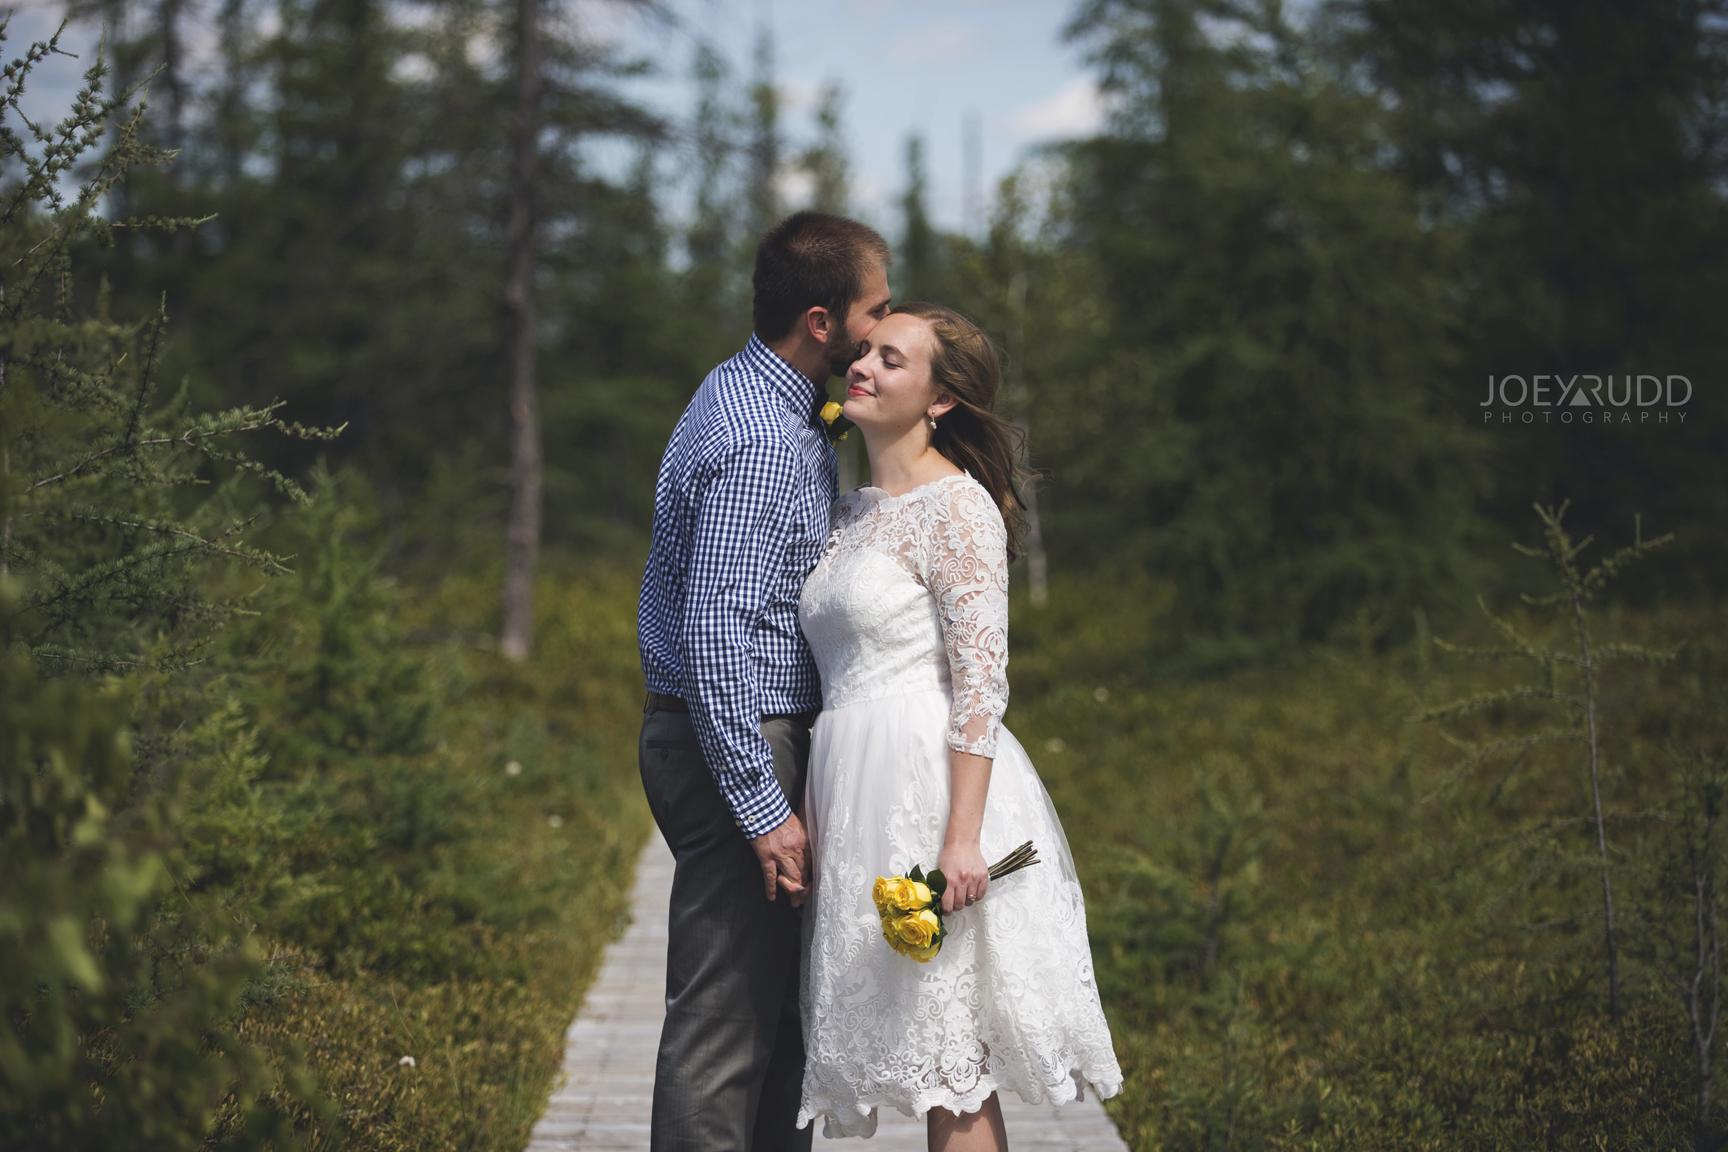 Ottawa Elopement by Joey Rudd Photography Ottawa Wedding Photographer Mer Bleue Ottawa Wedding Chapel Nature Trail